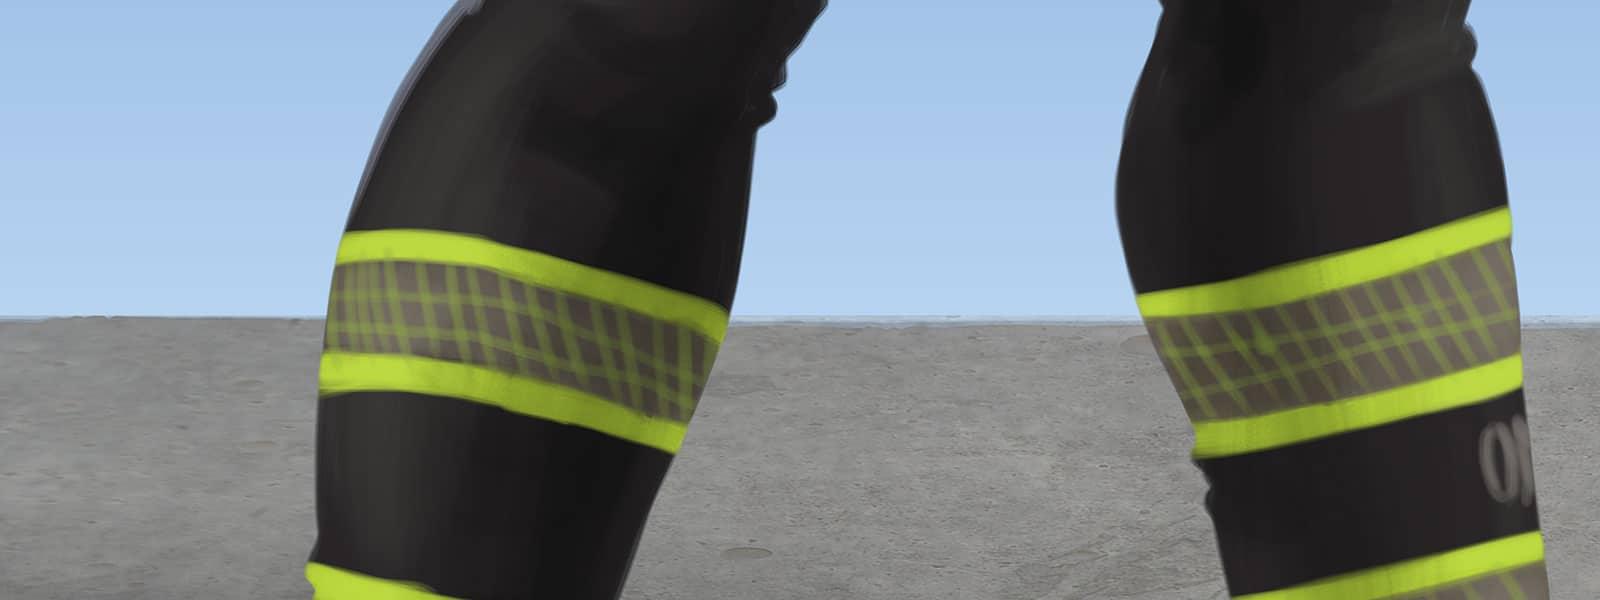 Leg details